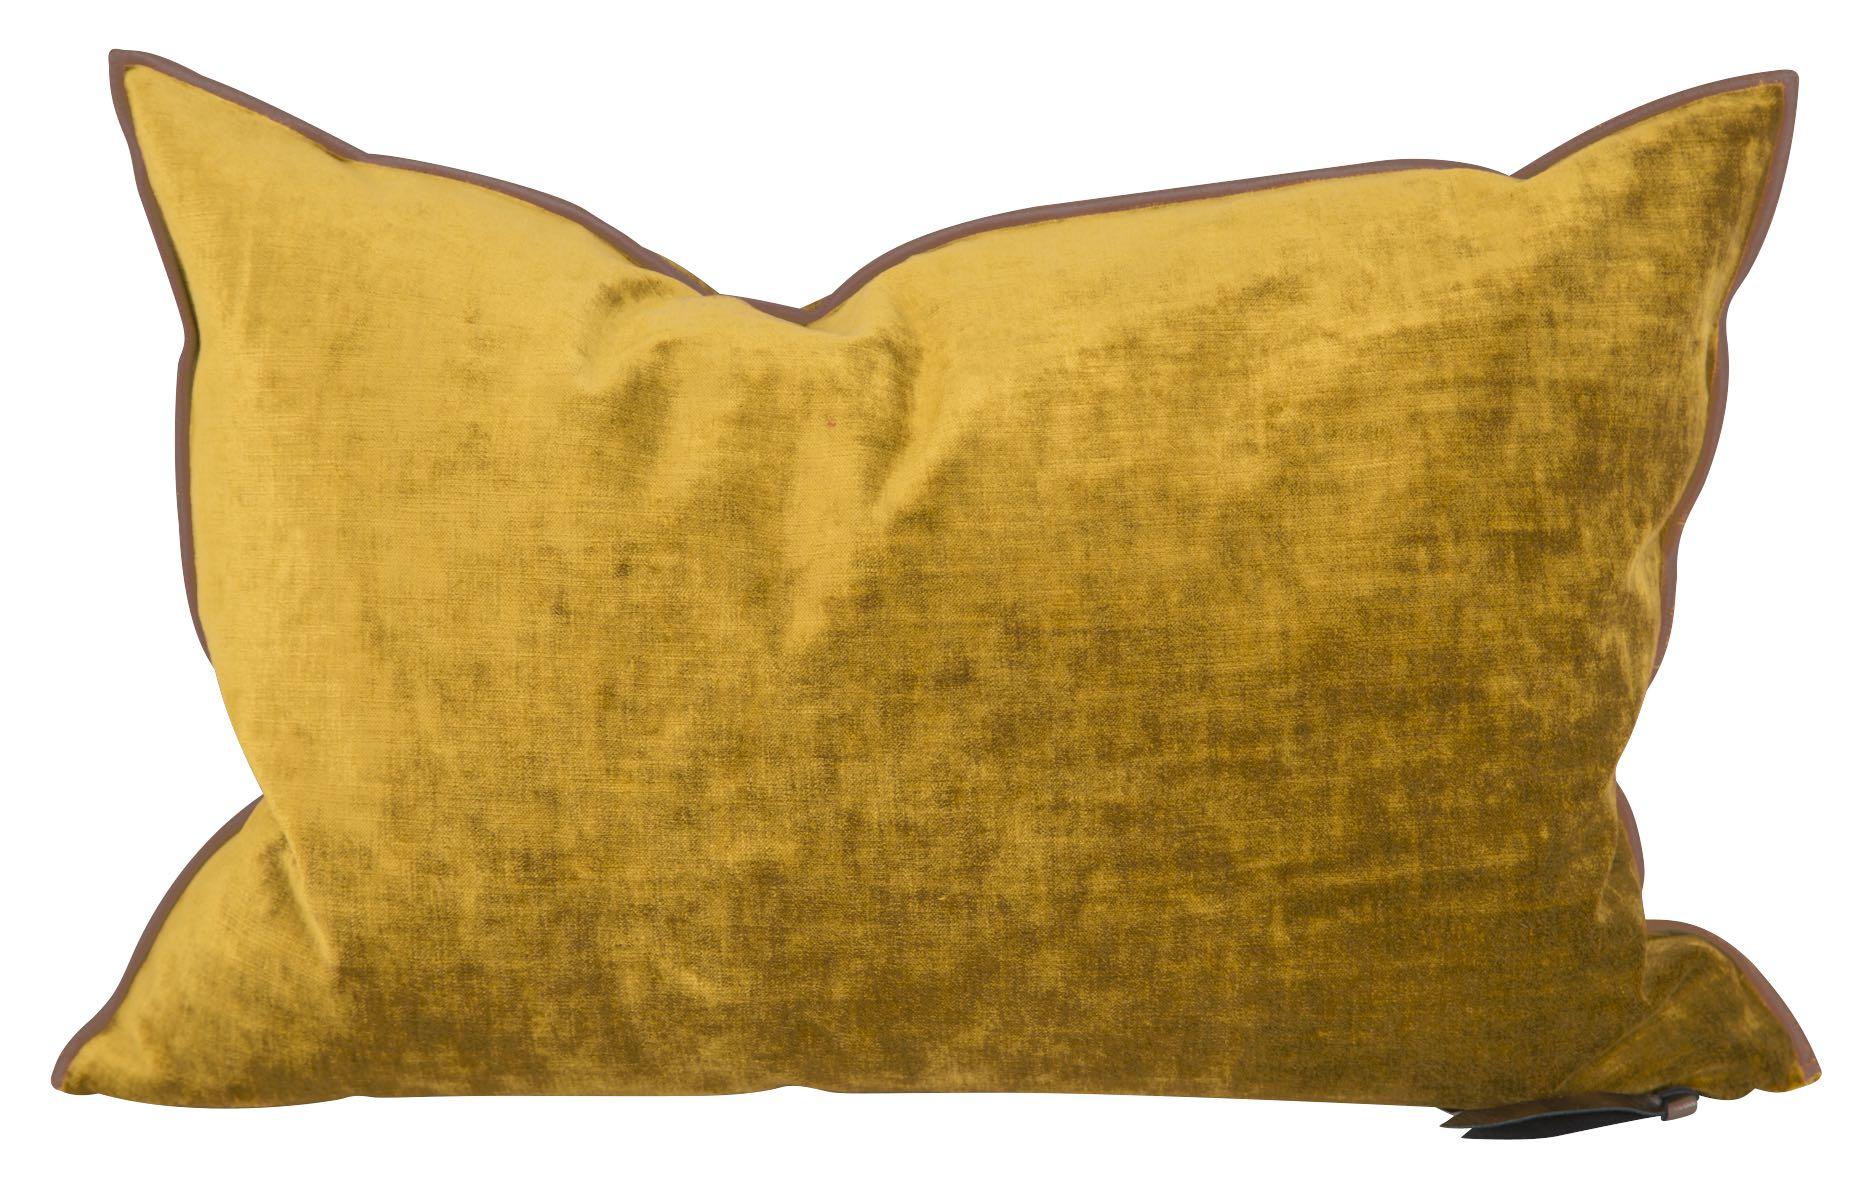 Comment Nettoyer Des Coussins De Caravane jaune moutarde : la couleur qui illumine votre intérieur